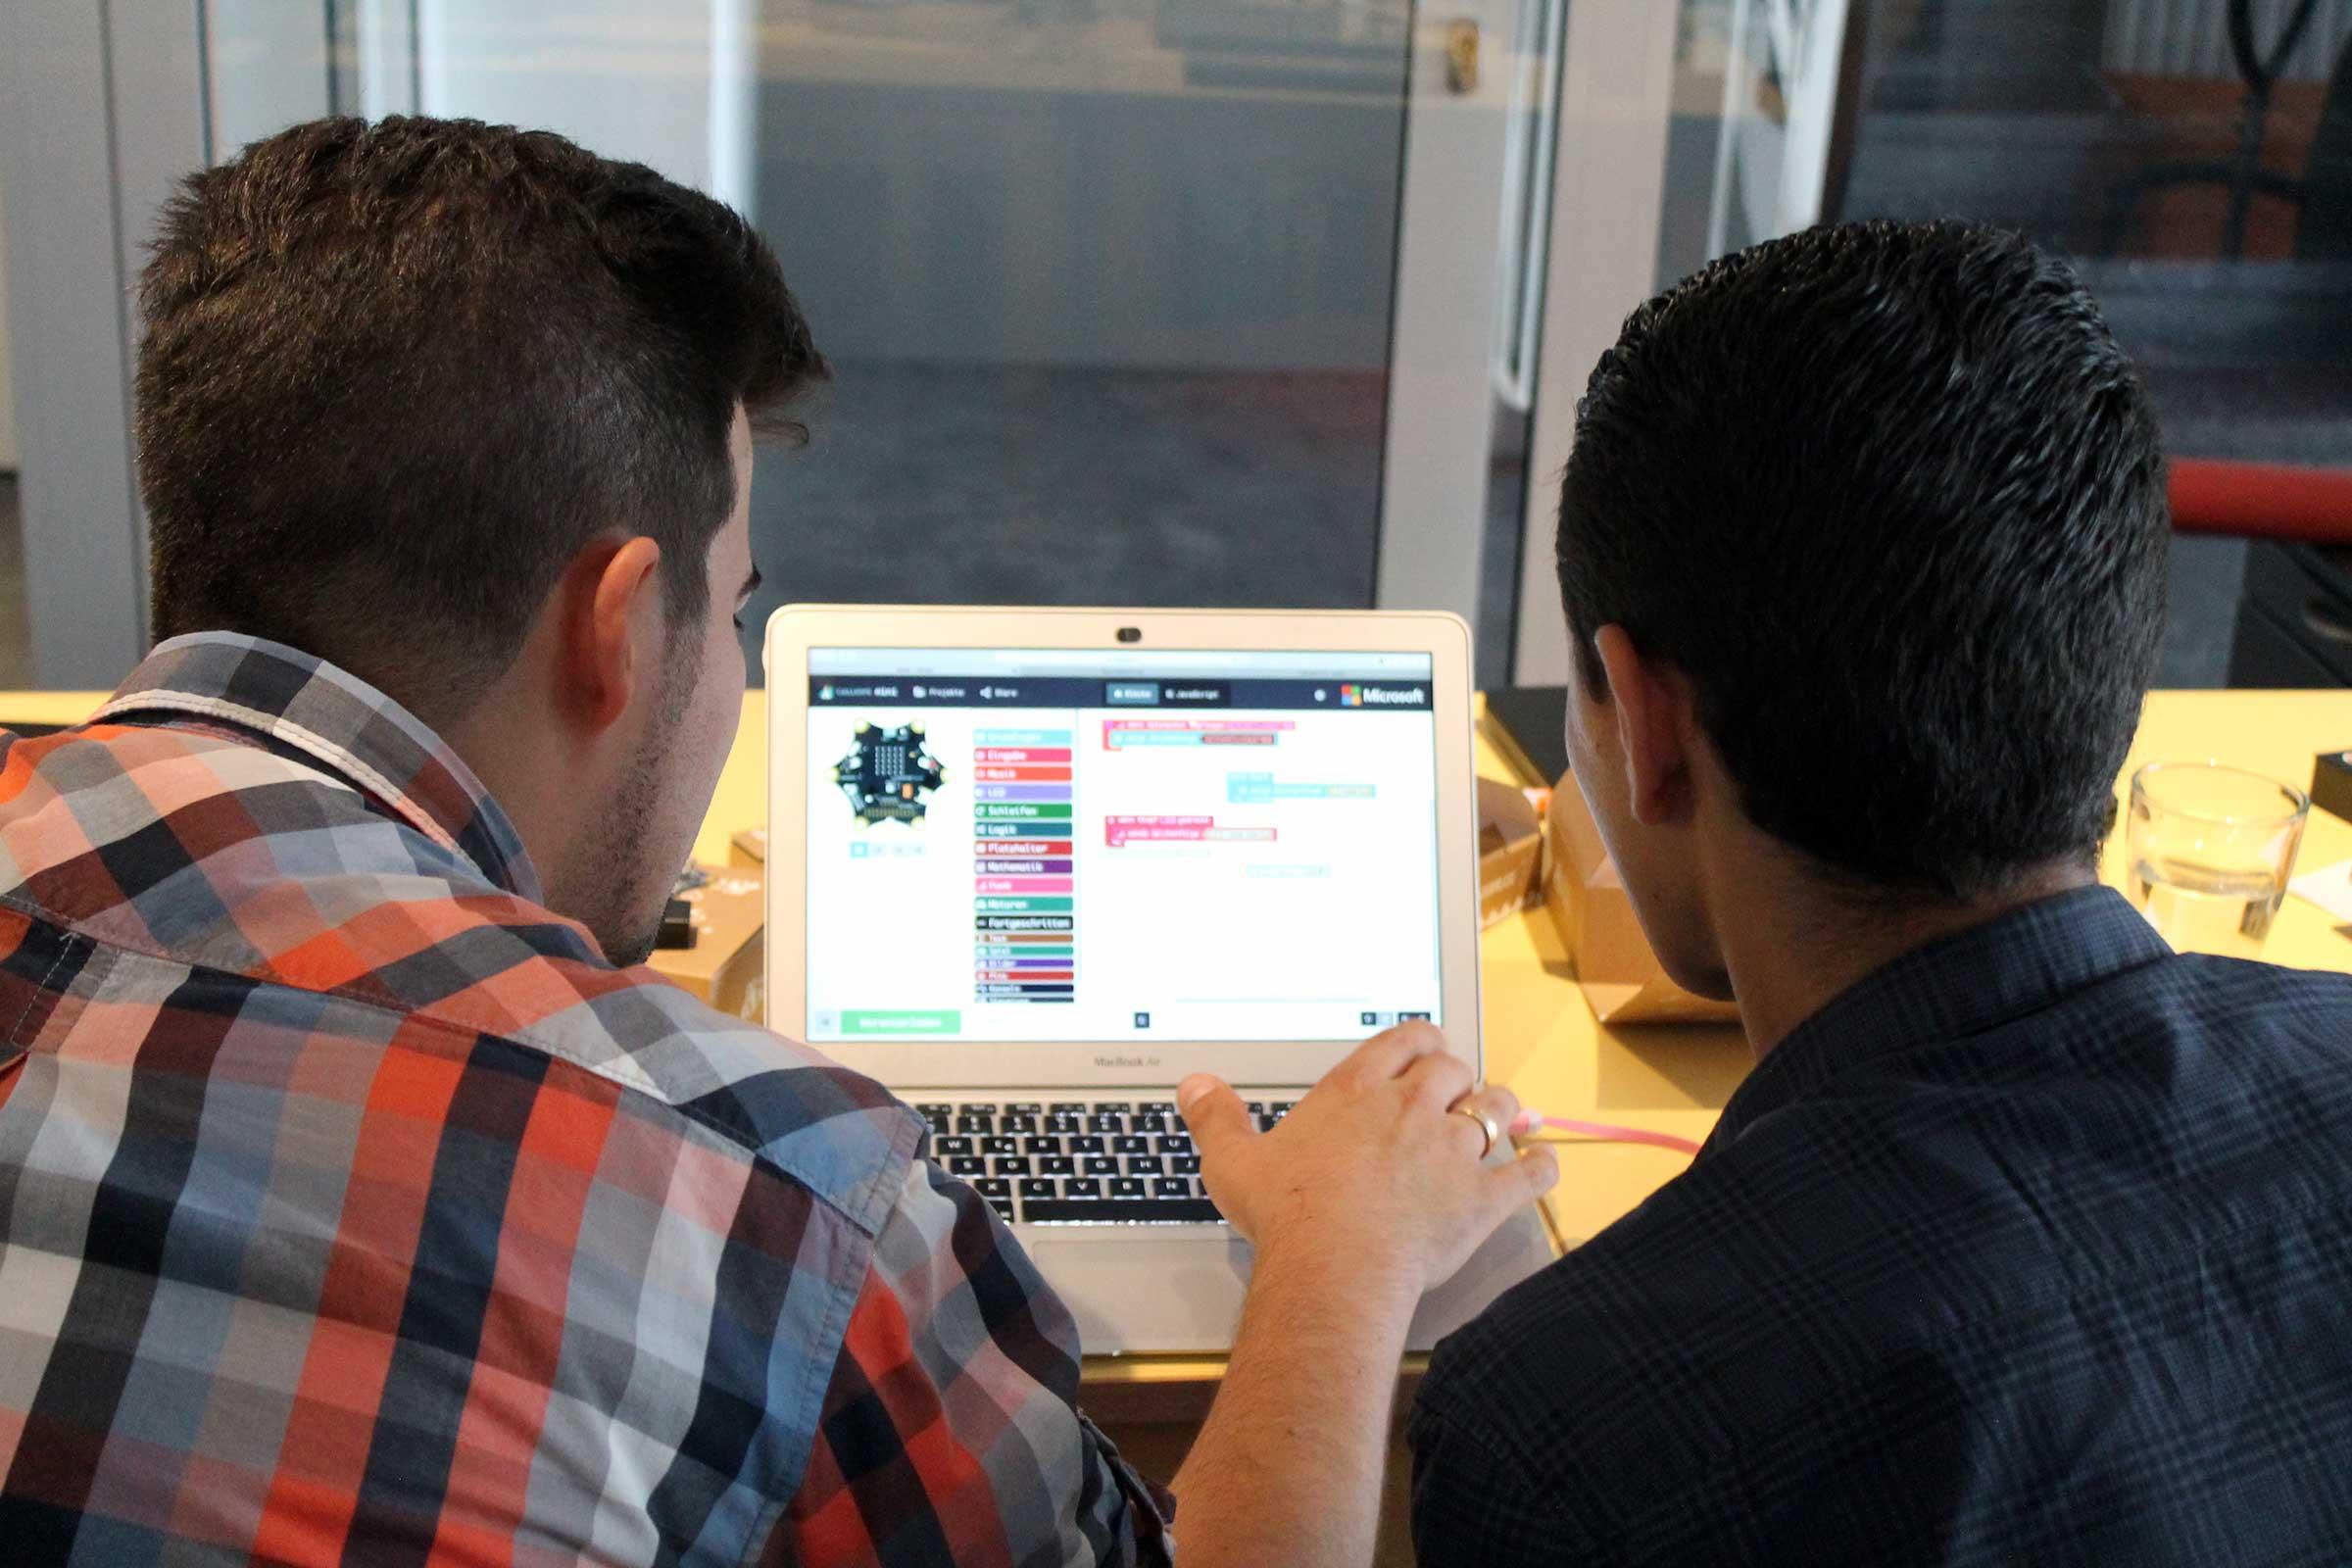 Ein Mann und ein Junge sehen auf einen Laptopbildschirm.